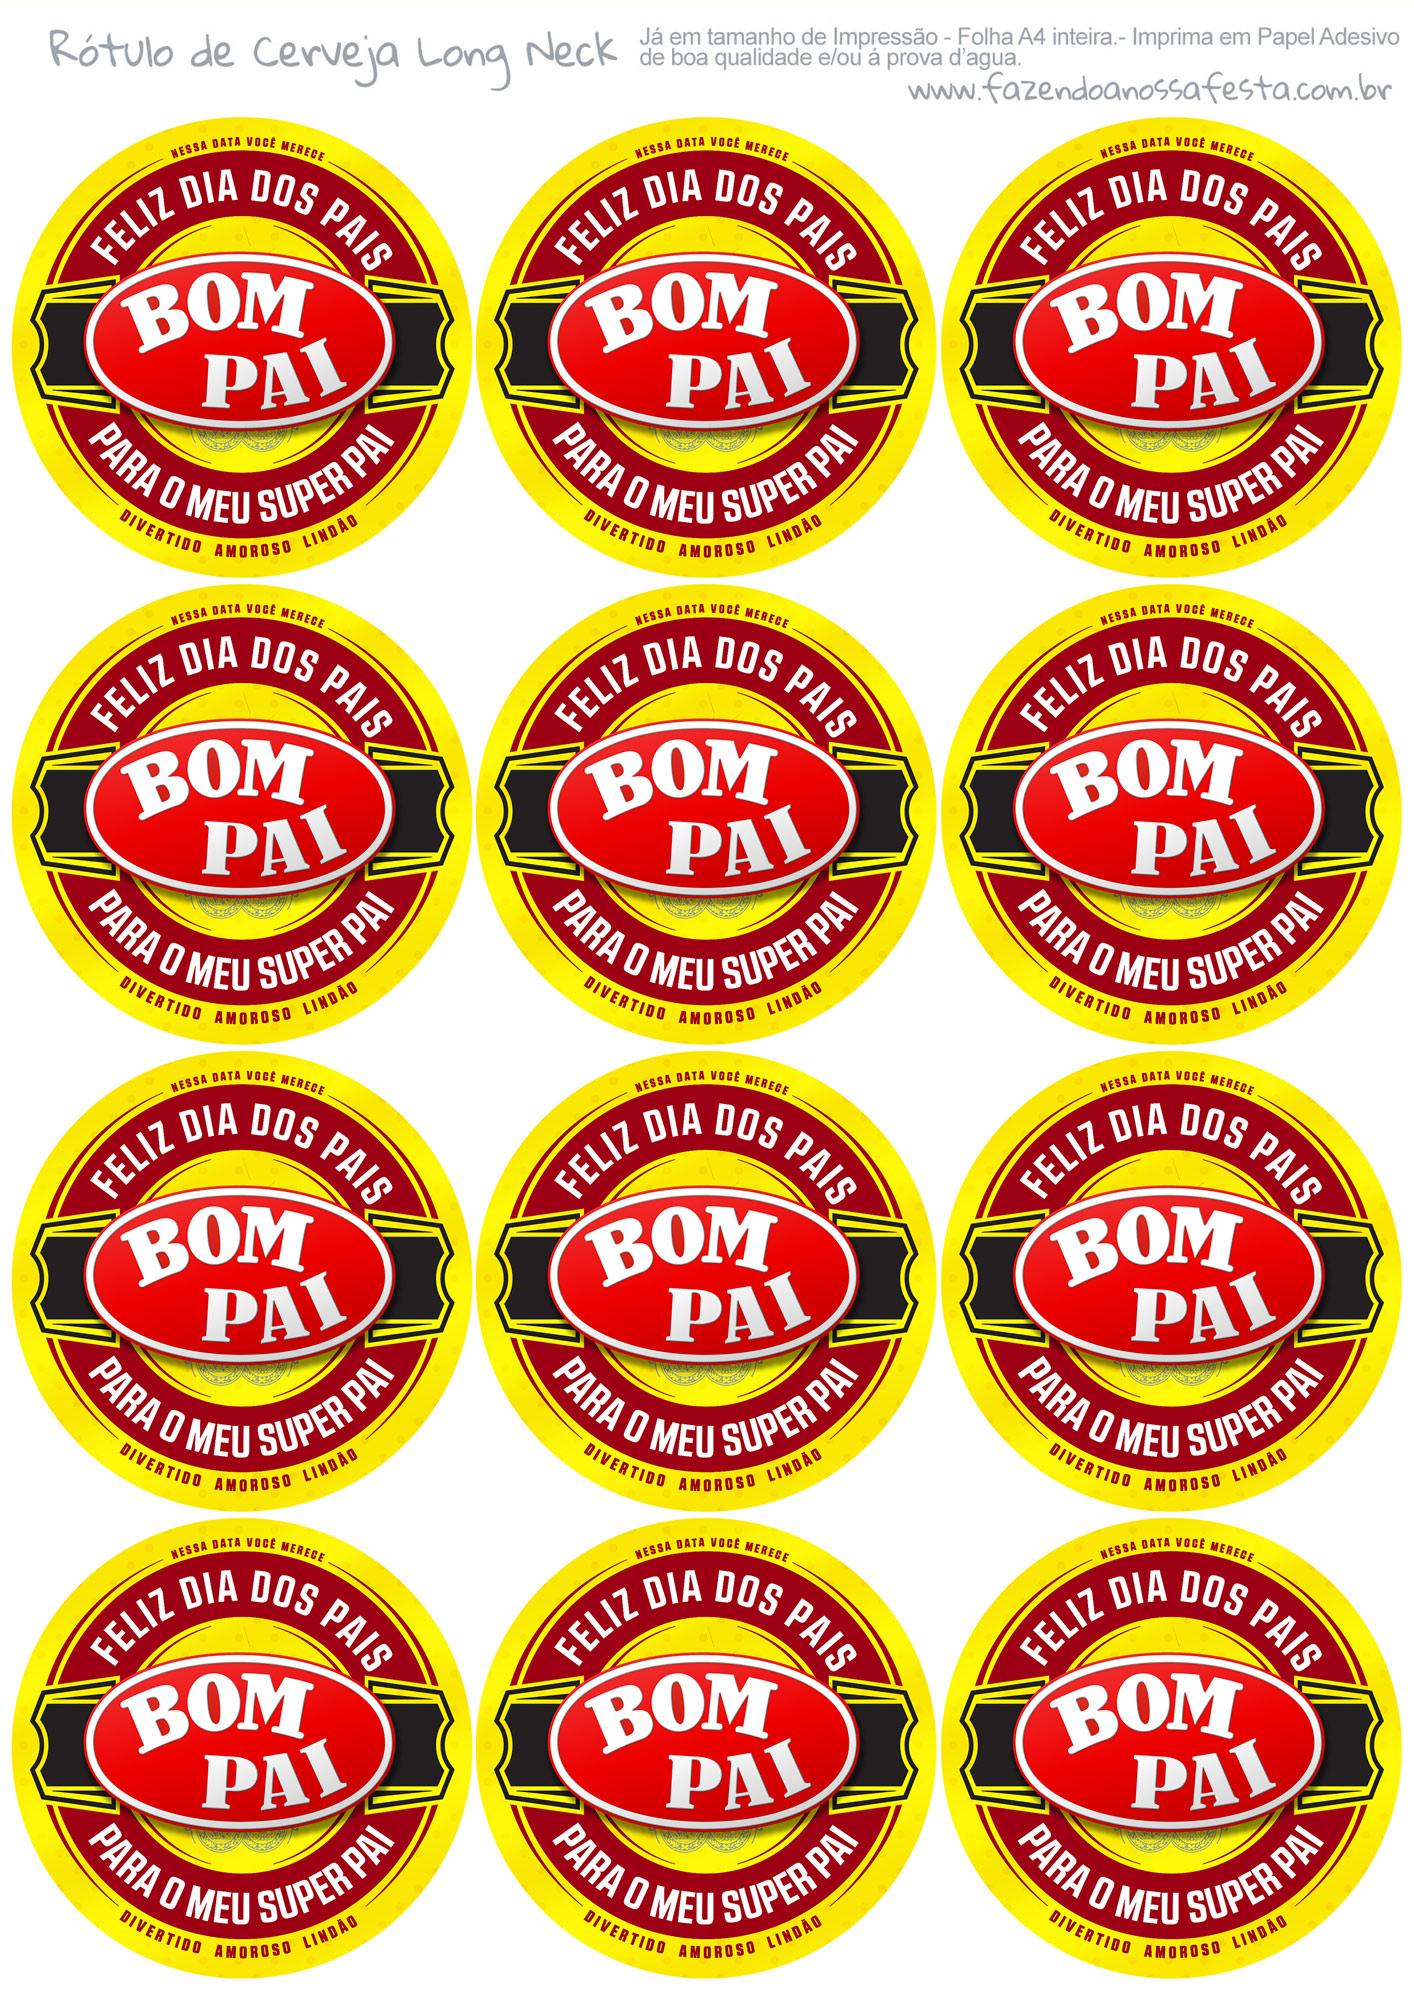 Rótulo Cerveja Kit Bom Pai